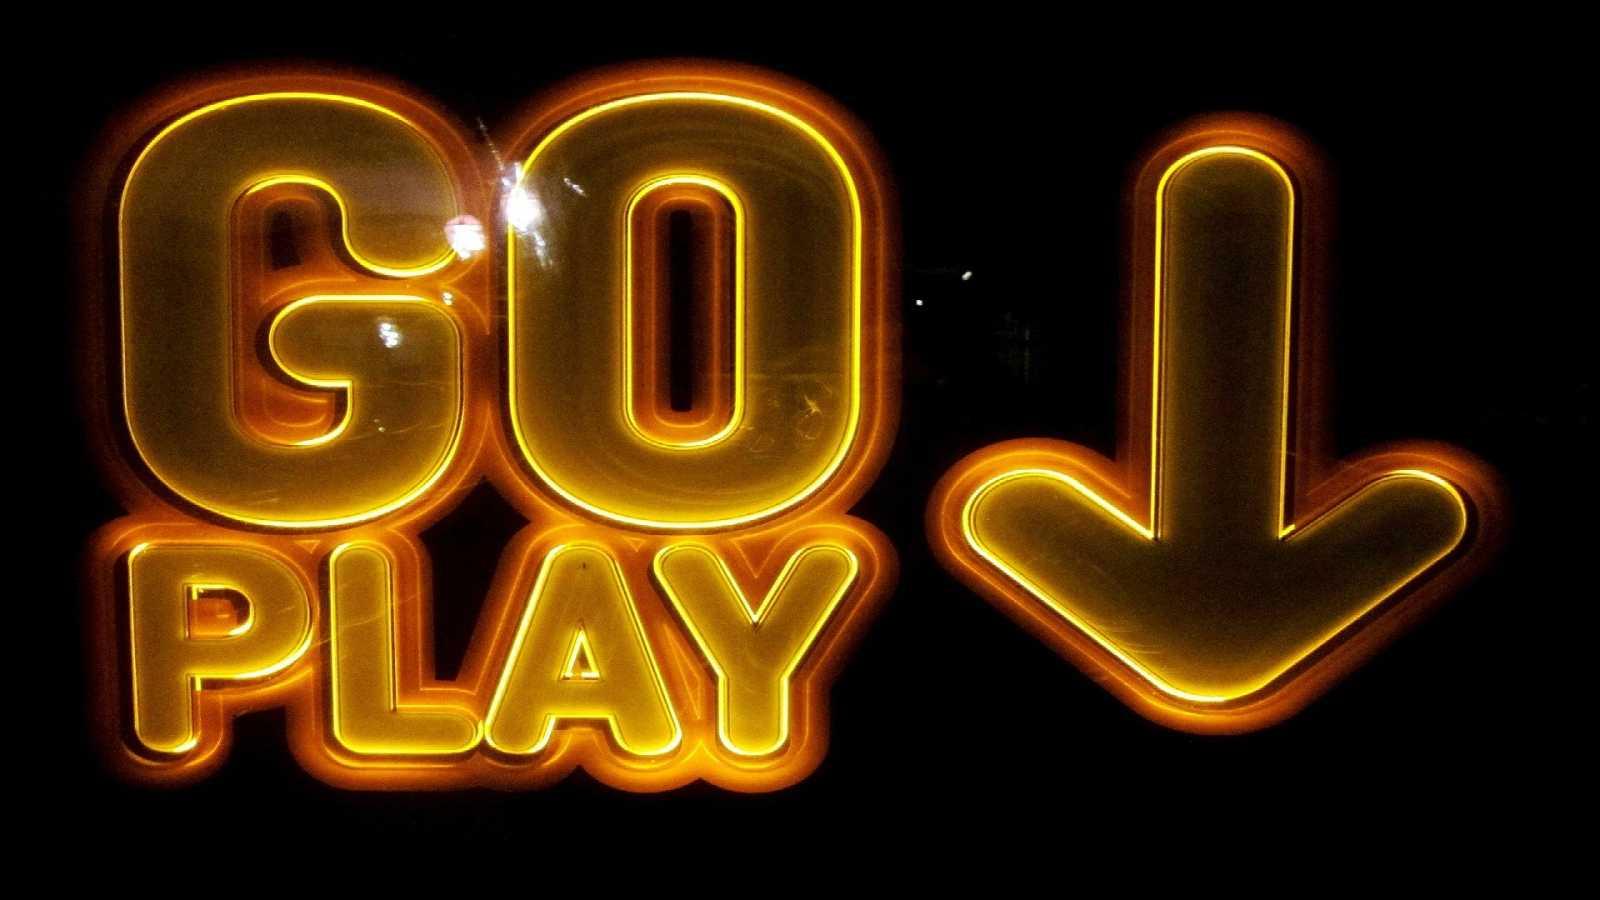 Adicciones - Lobby del juego y cambios legales 05/05/21 - Escuchar ahora